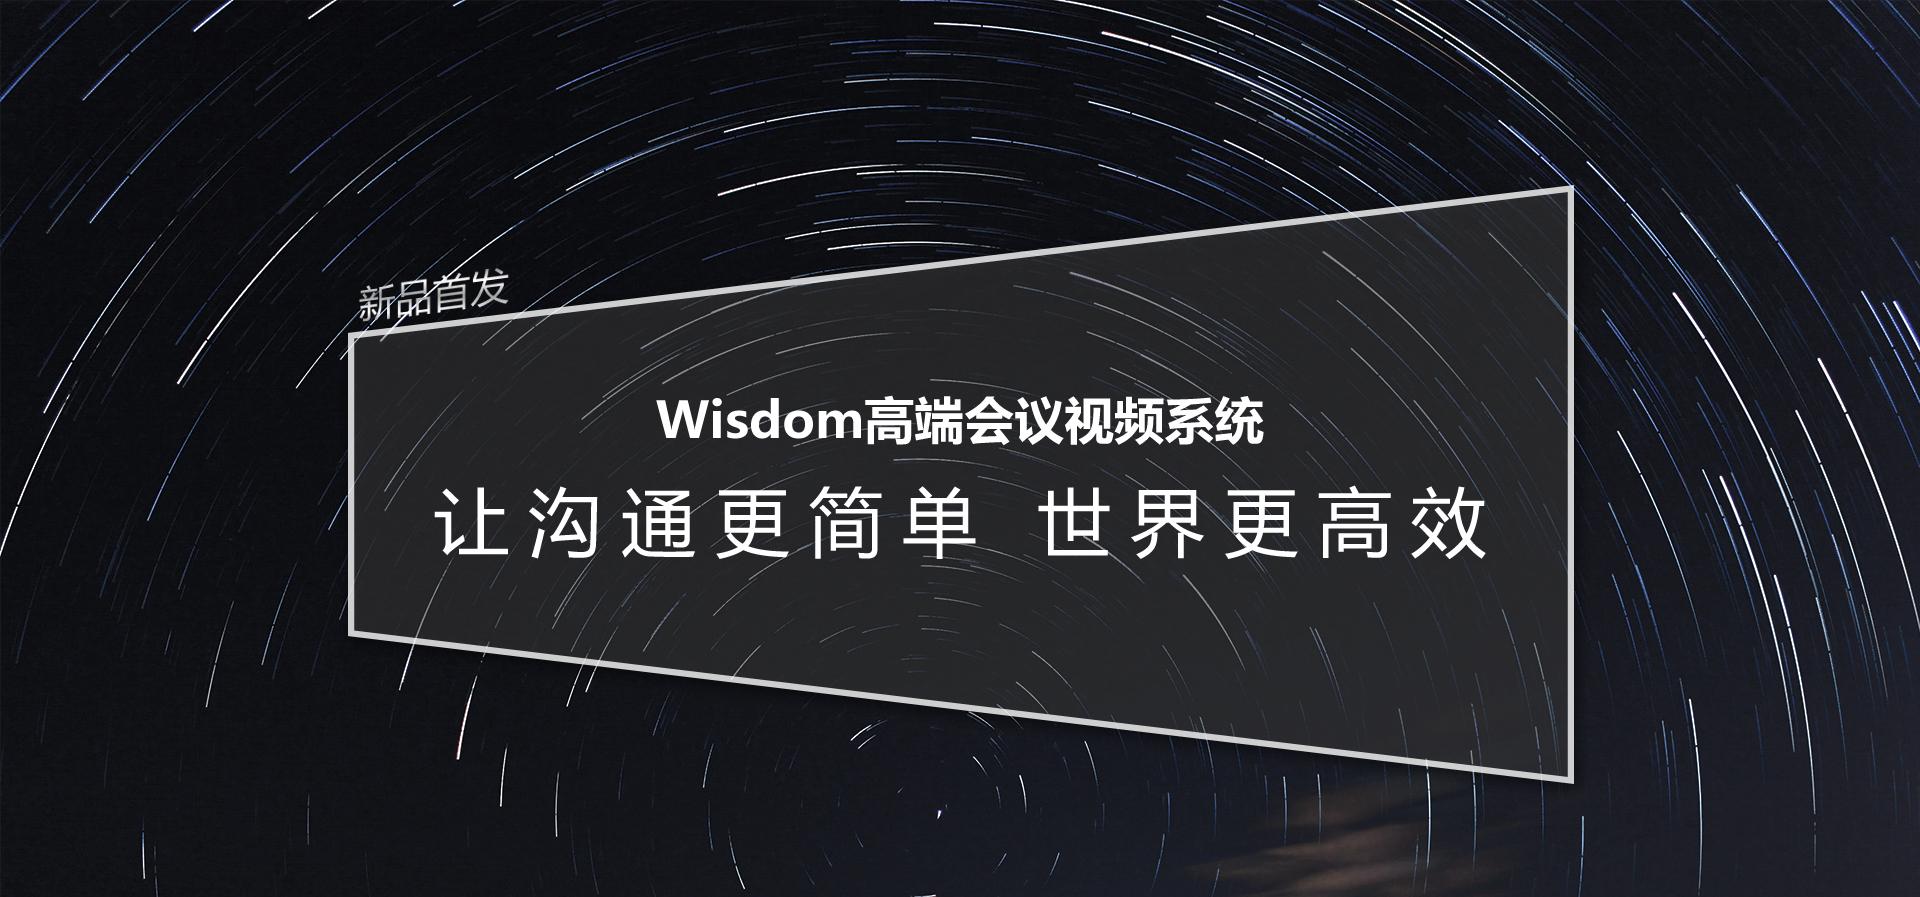 wisdom高端会议视频系统